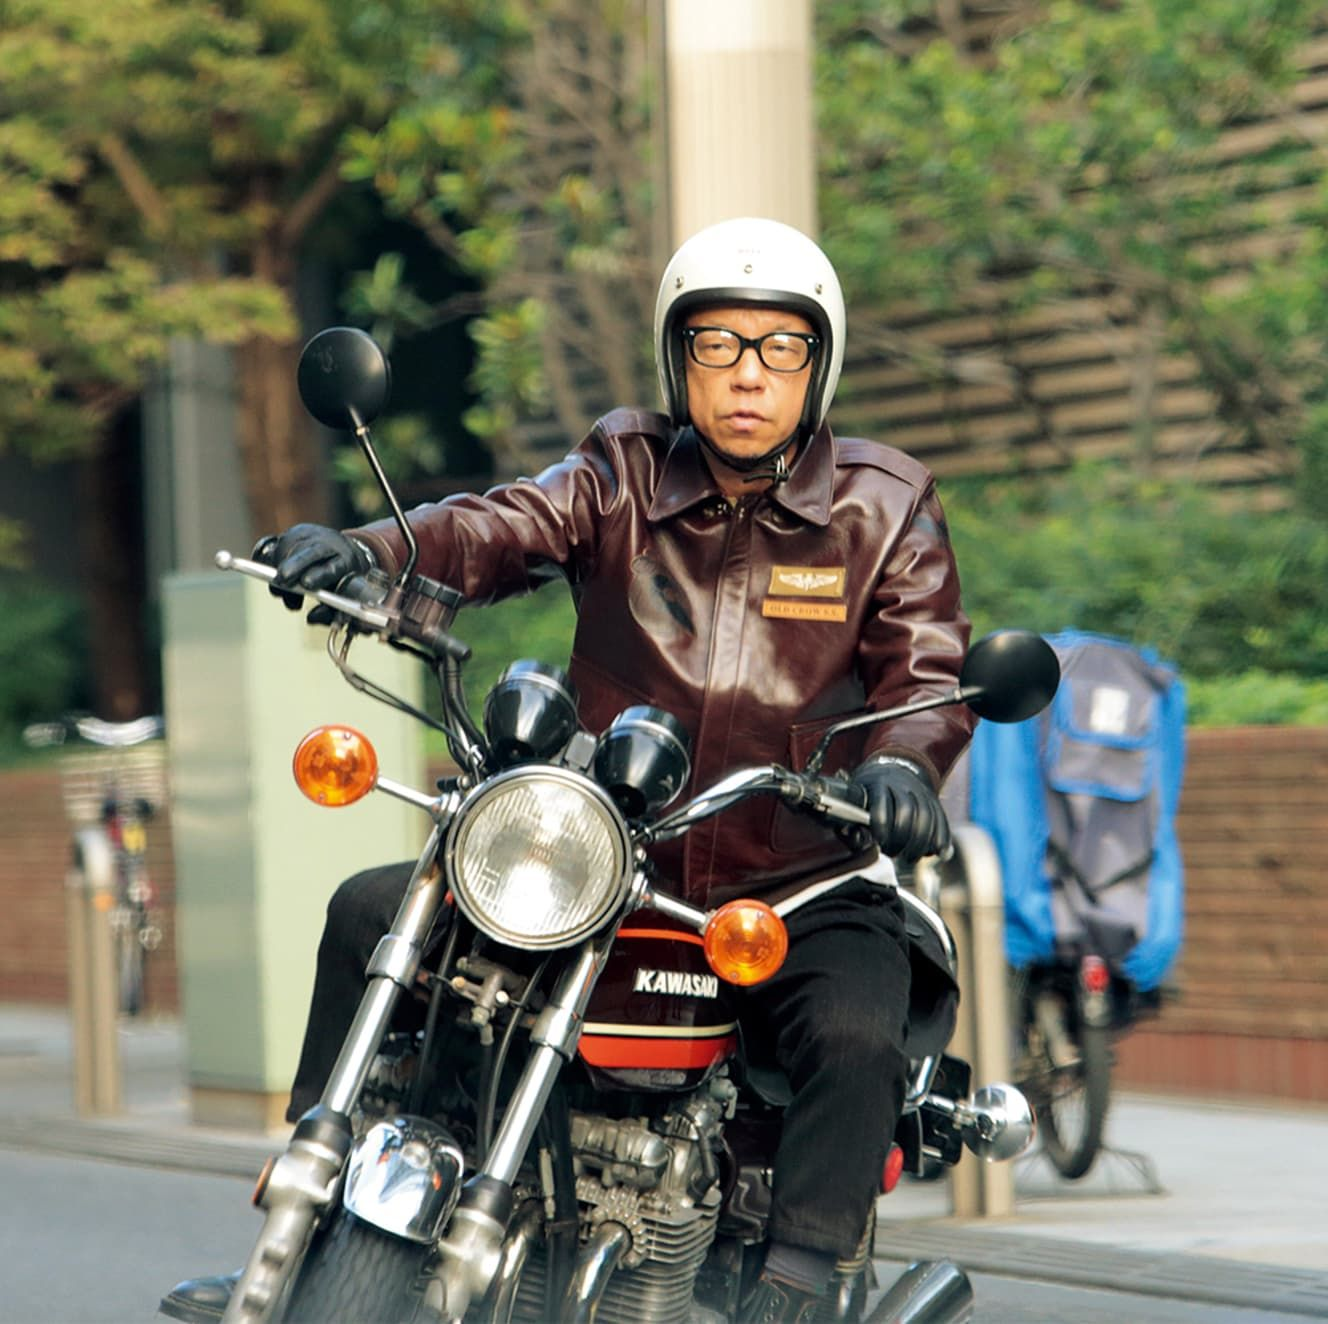 英二 フライデー 小峠 小峠英二と坂口杏里のフライデーのベッド写真!車やバイクは?髪の毛?